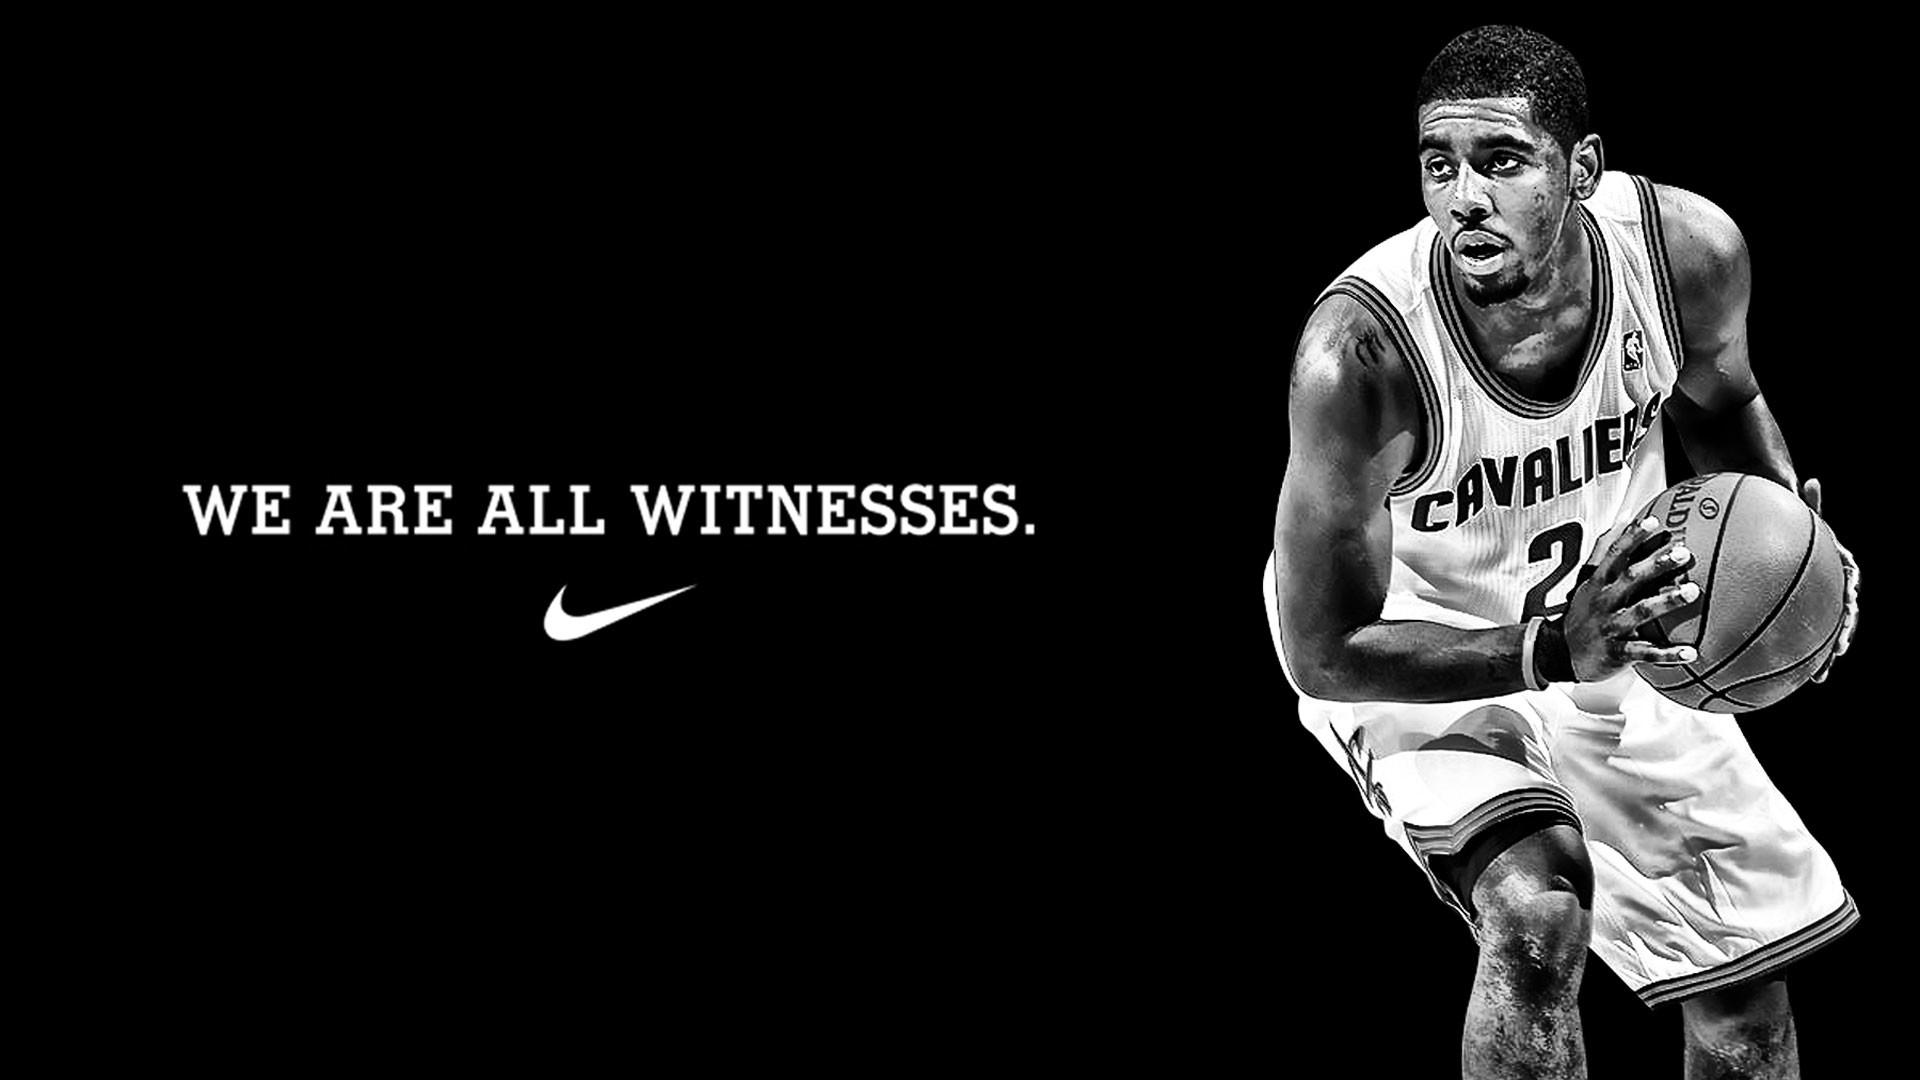 Best 25+ Basketball hd ideas on Pinterest | Basketball wallpaper hd, NBA  and Basket nba